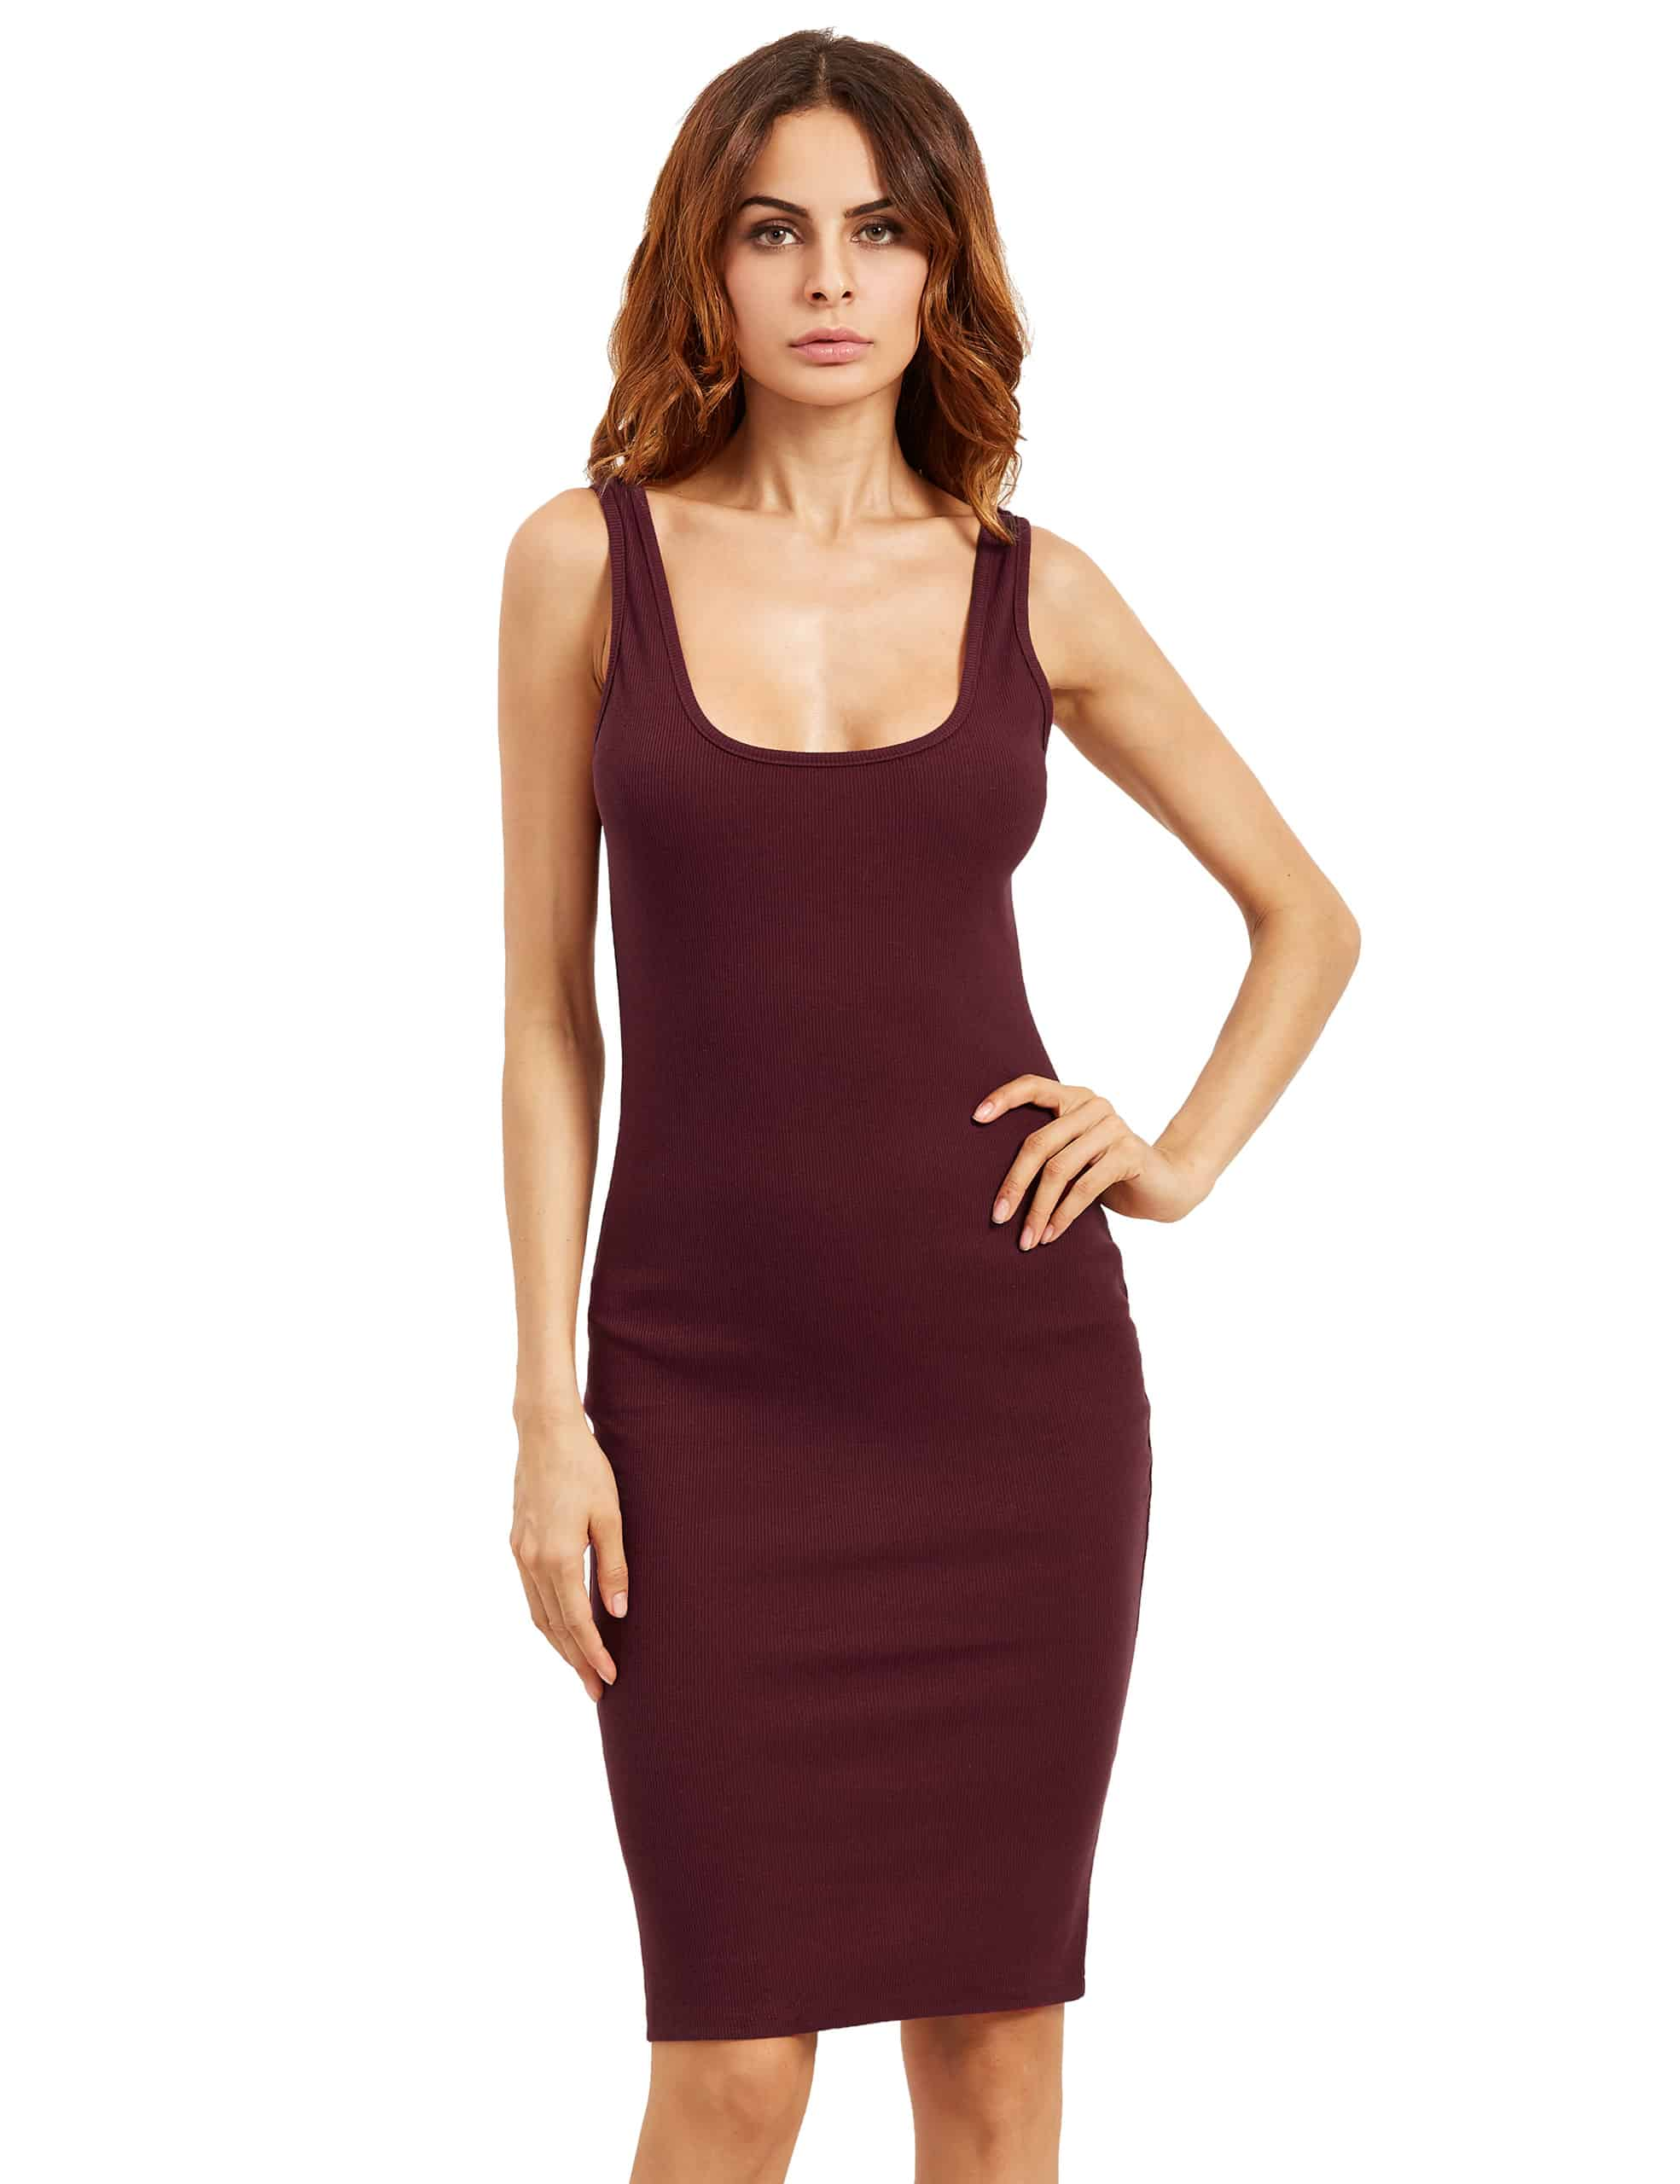 Double Scoop Tank Dress dress160808757